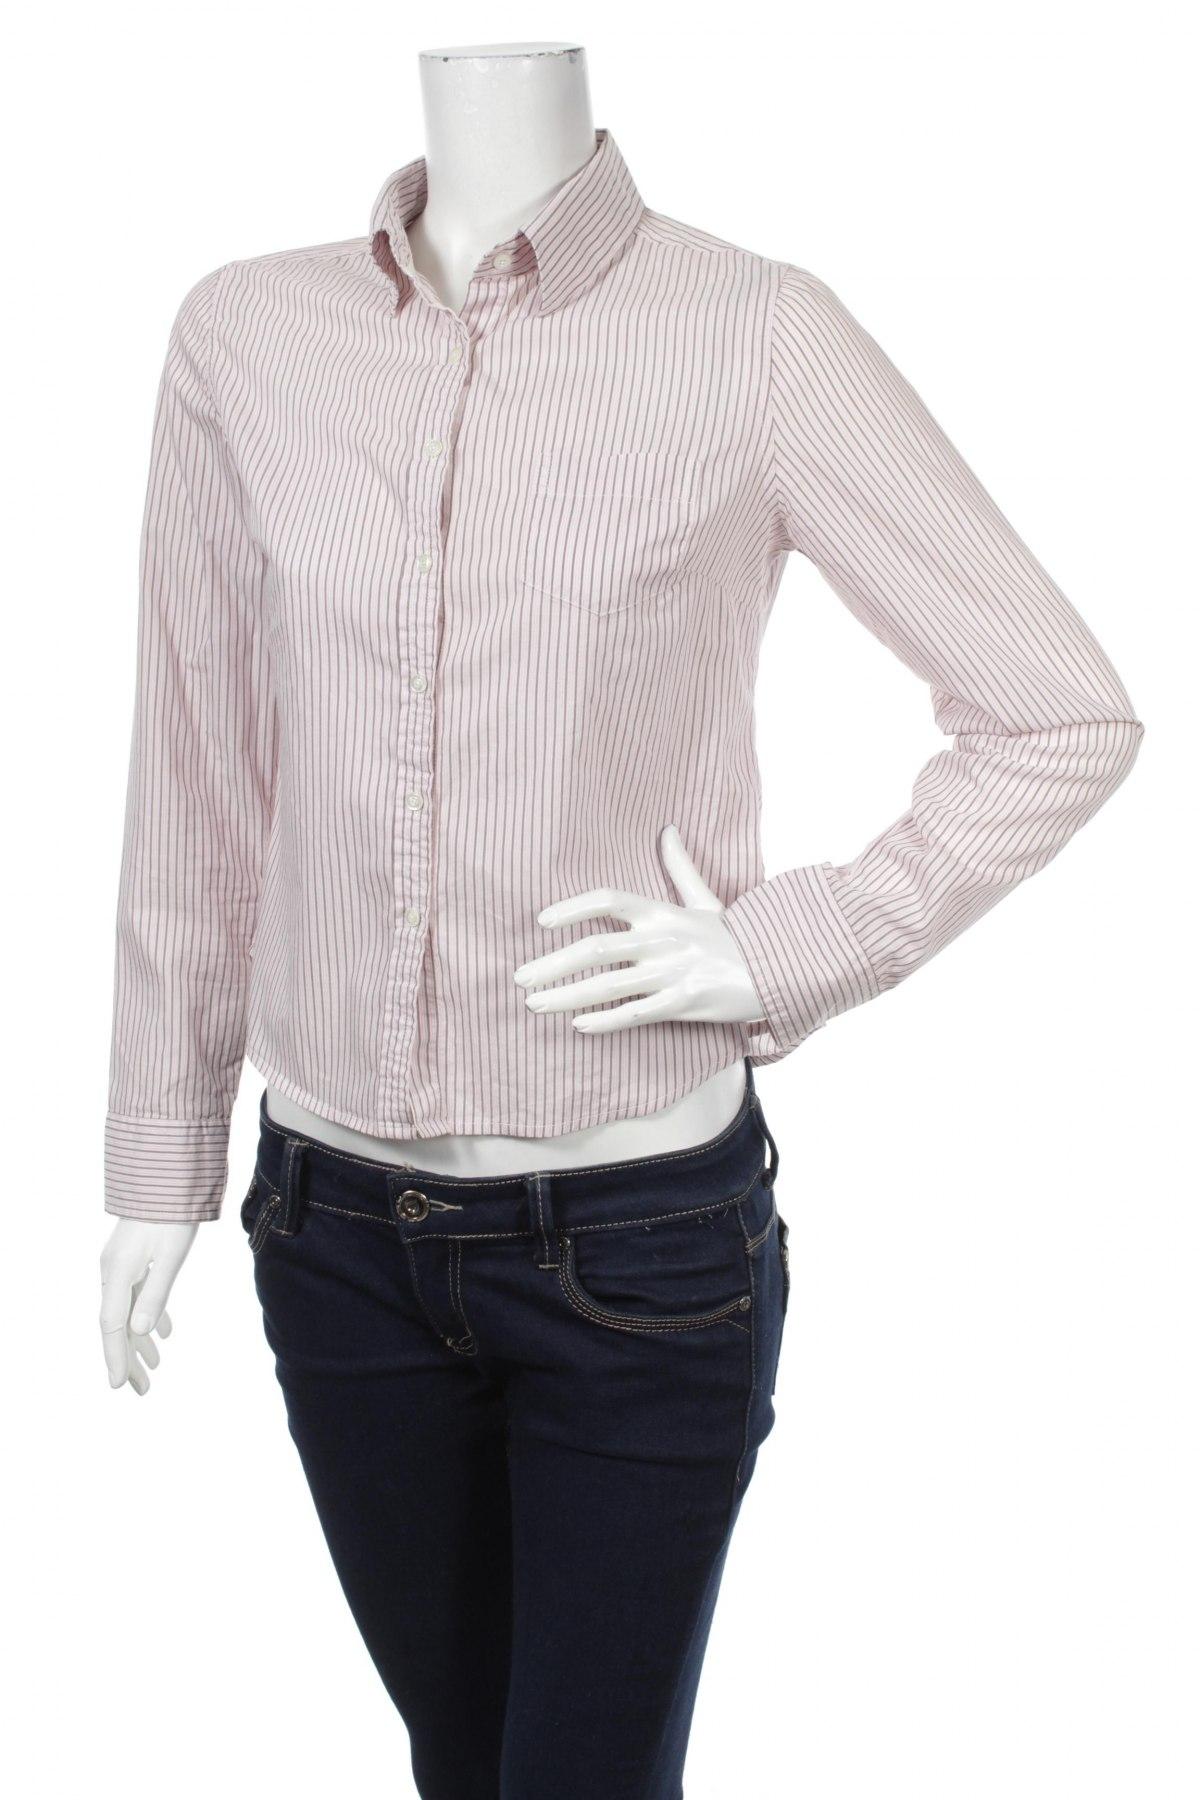 Γυναικείο πουκάμισο Atlast, Μέγεθος M, Χρώμα Πολύχρωμο, Βαμβάκι, πολυεστέρας, ελαστάνη, Τιμή 12,99€